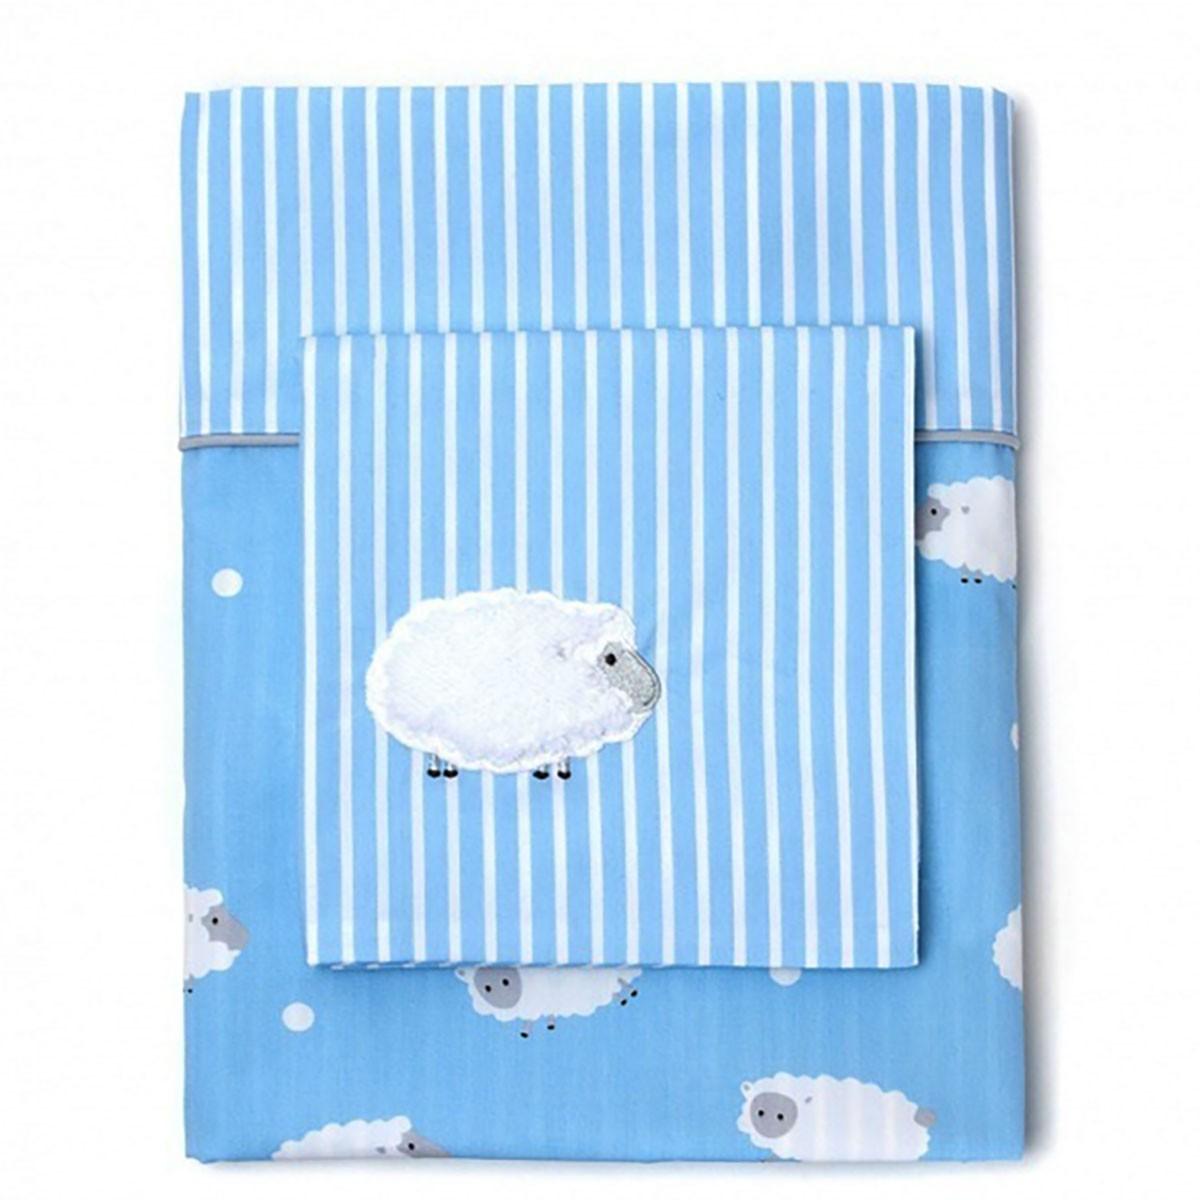 Παπλωματοθήκη Κούνιας (Σετ) Laura Ashley Little Sheep 58122